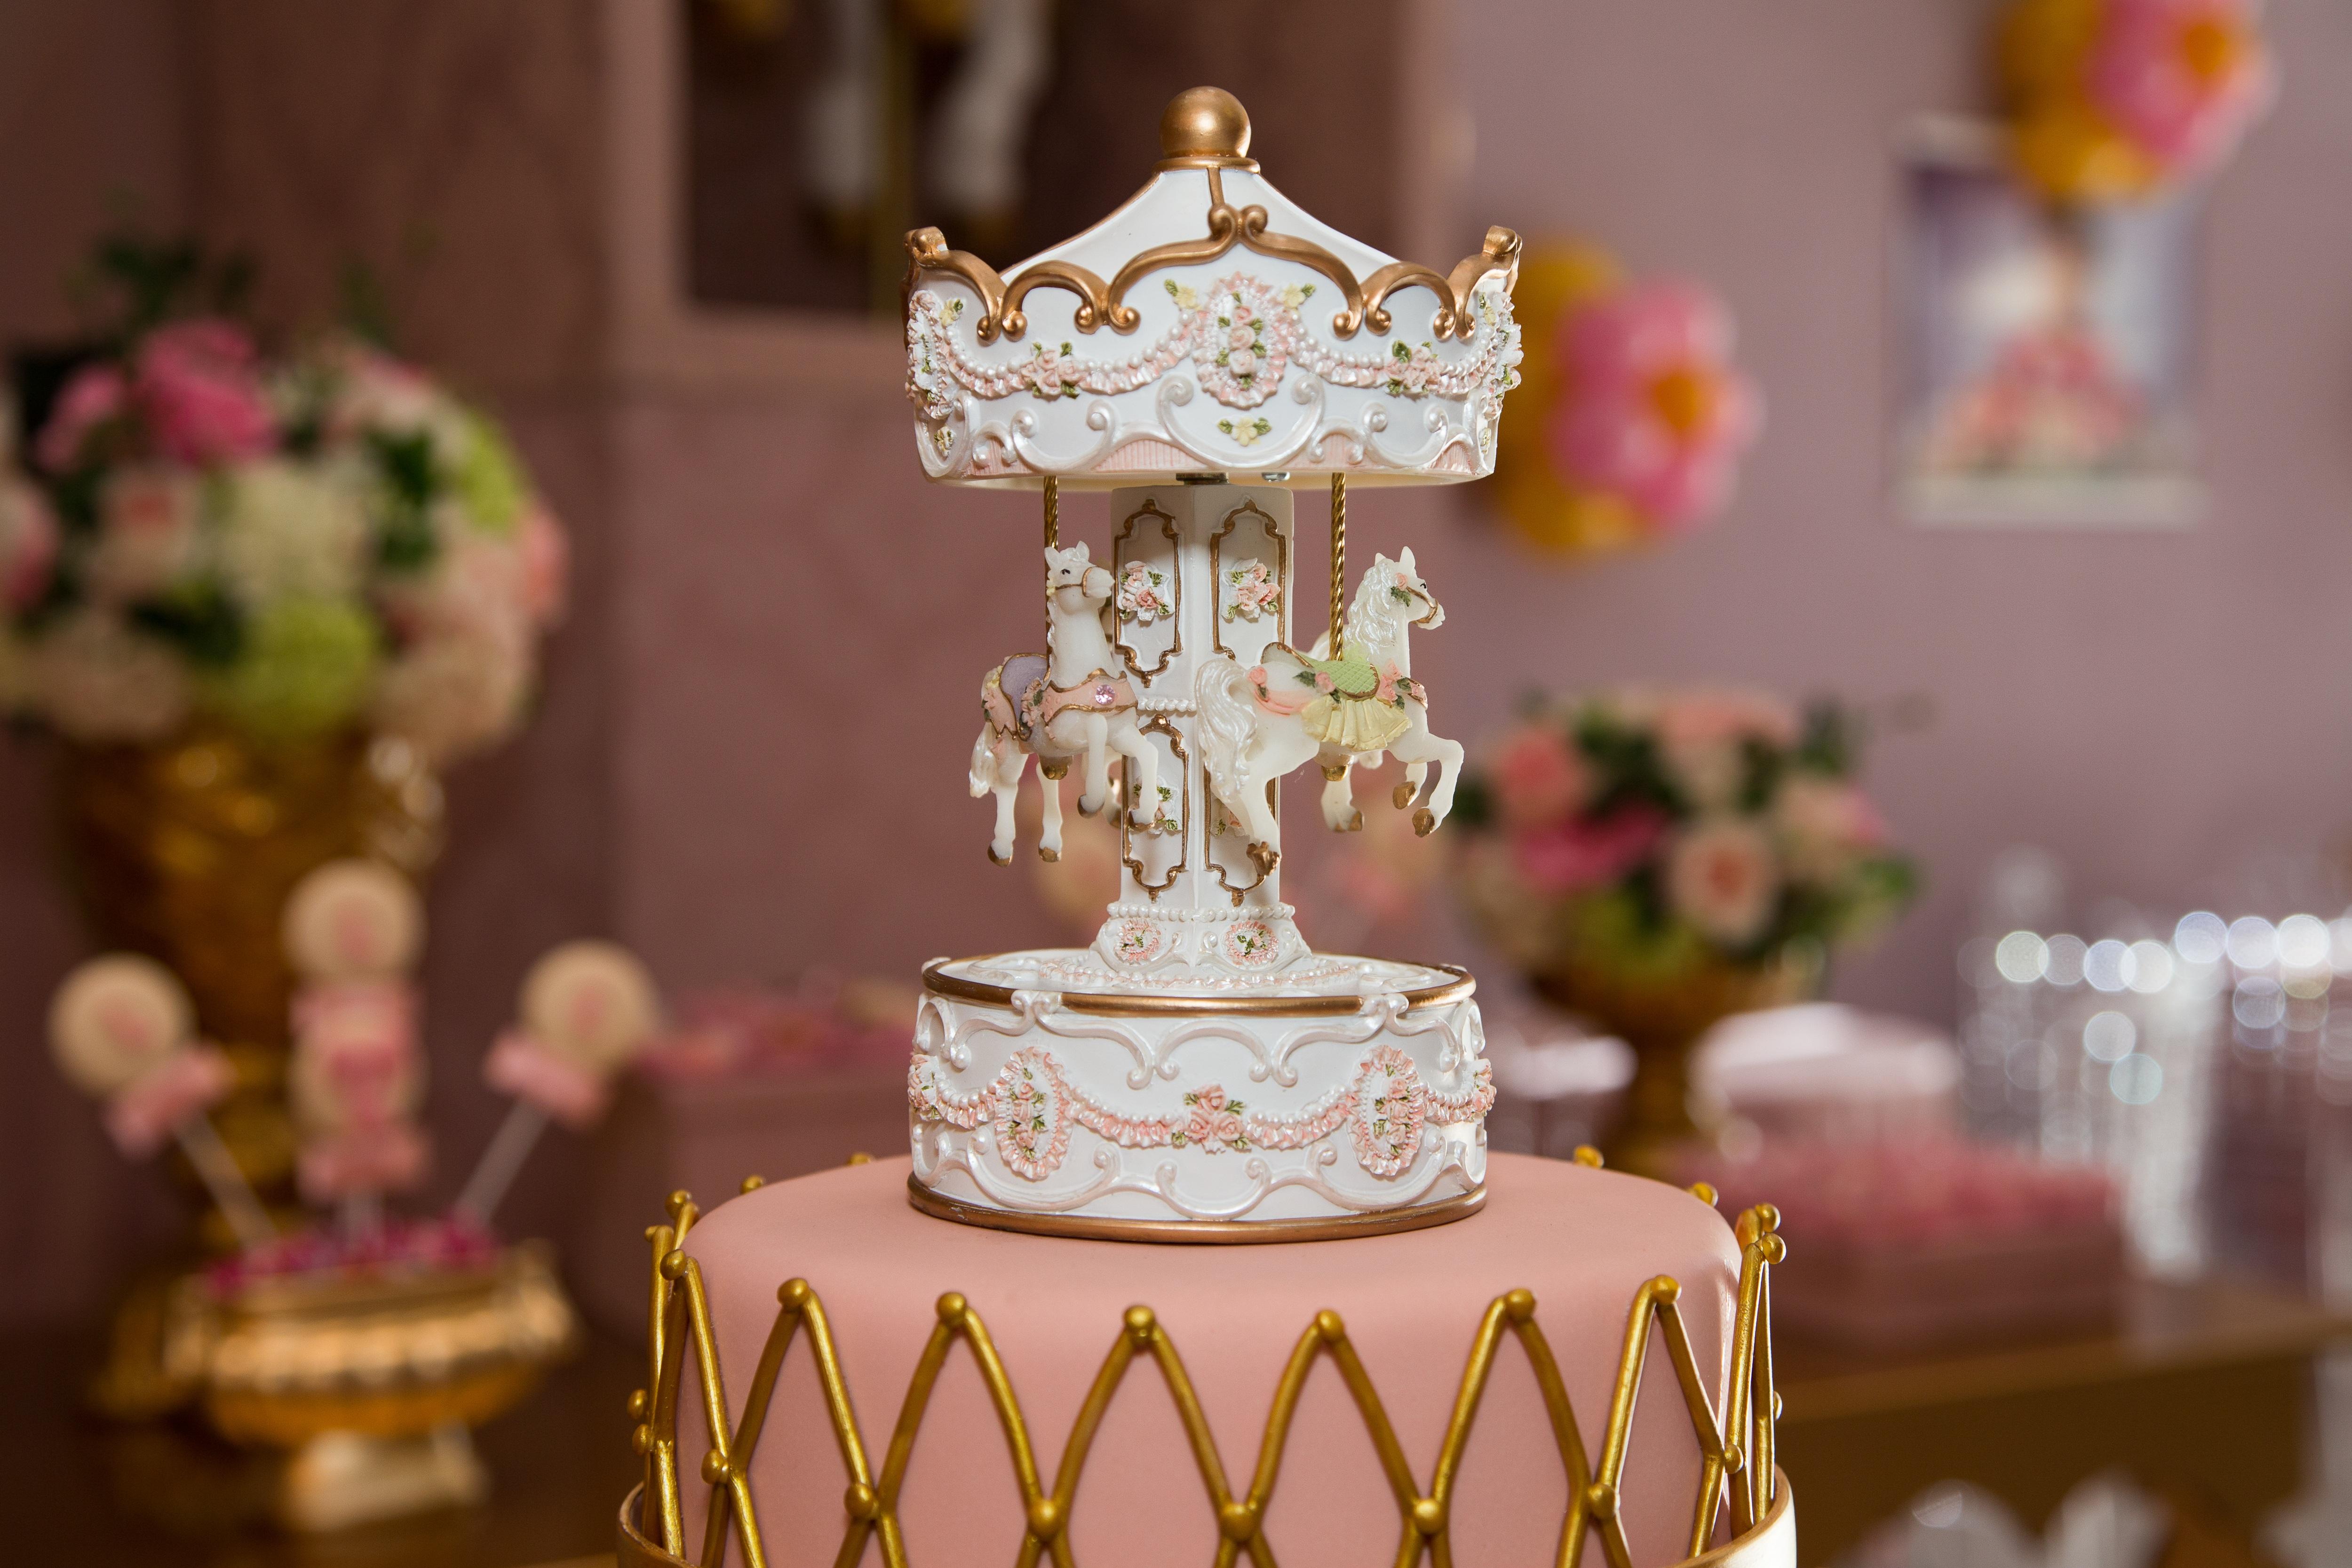 flor decoracin comida carrusel rosado vela postre pastel formacin de hielo fiesta pastel de boda crema